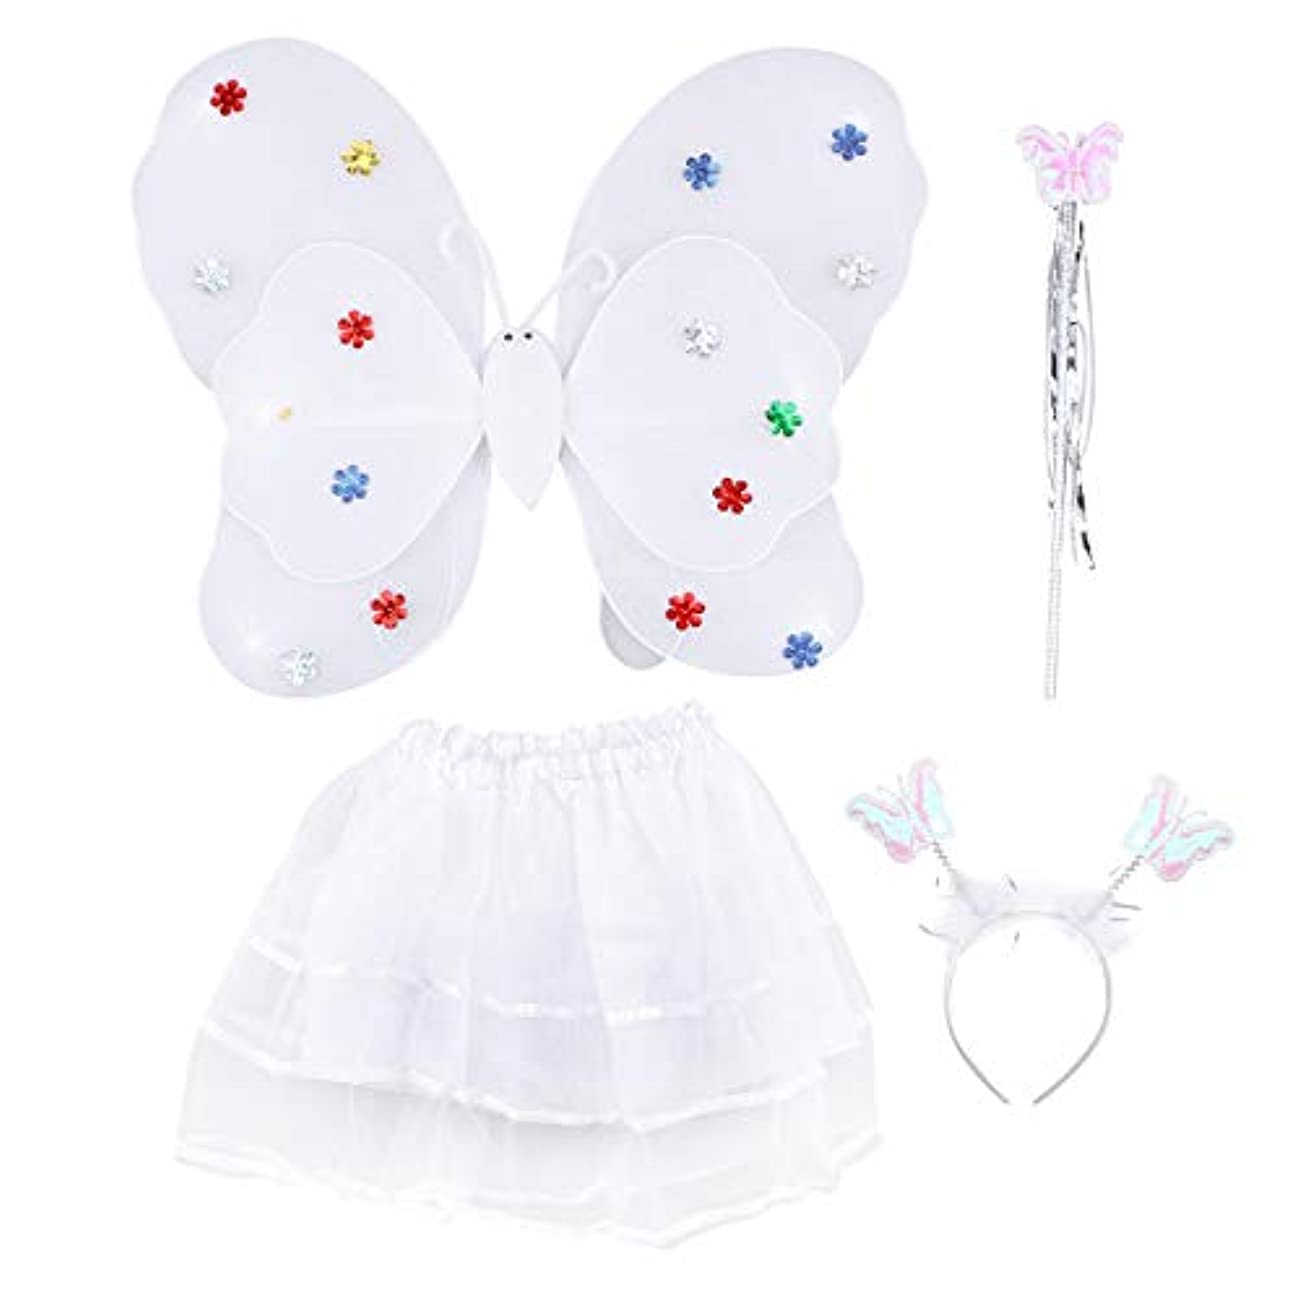 識別するジャズ脚本Amosfun 4ピース女の子の妖精の王女の衣装セットLEDライトアップバタフライウィングワンドヘッドバンドチュチュスカート女の子のための子供子供(白)